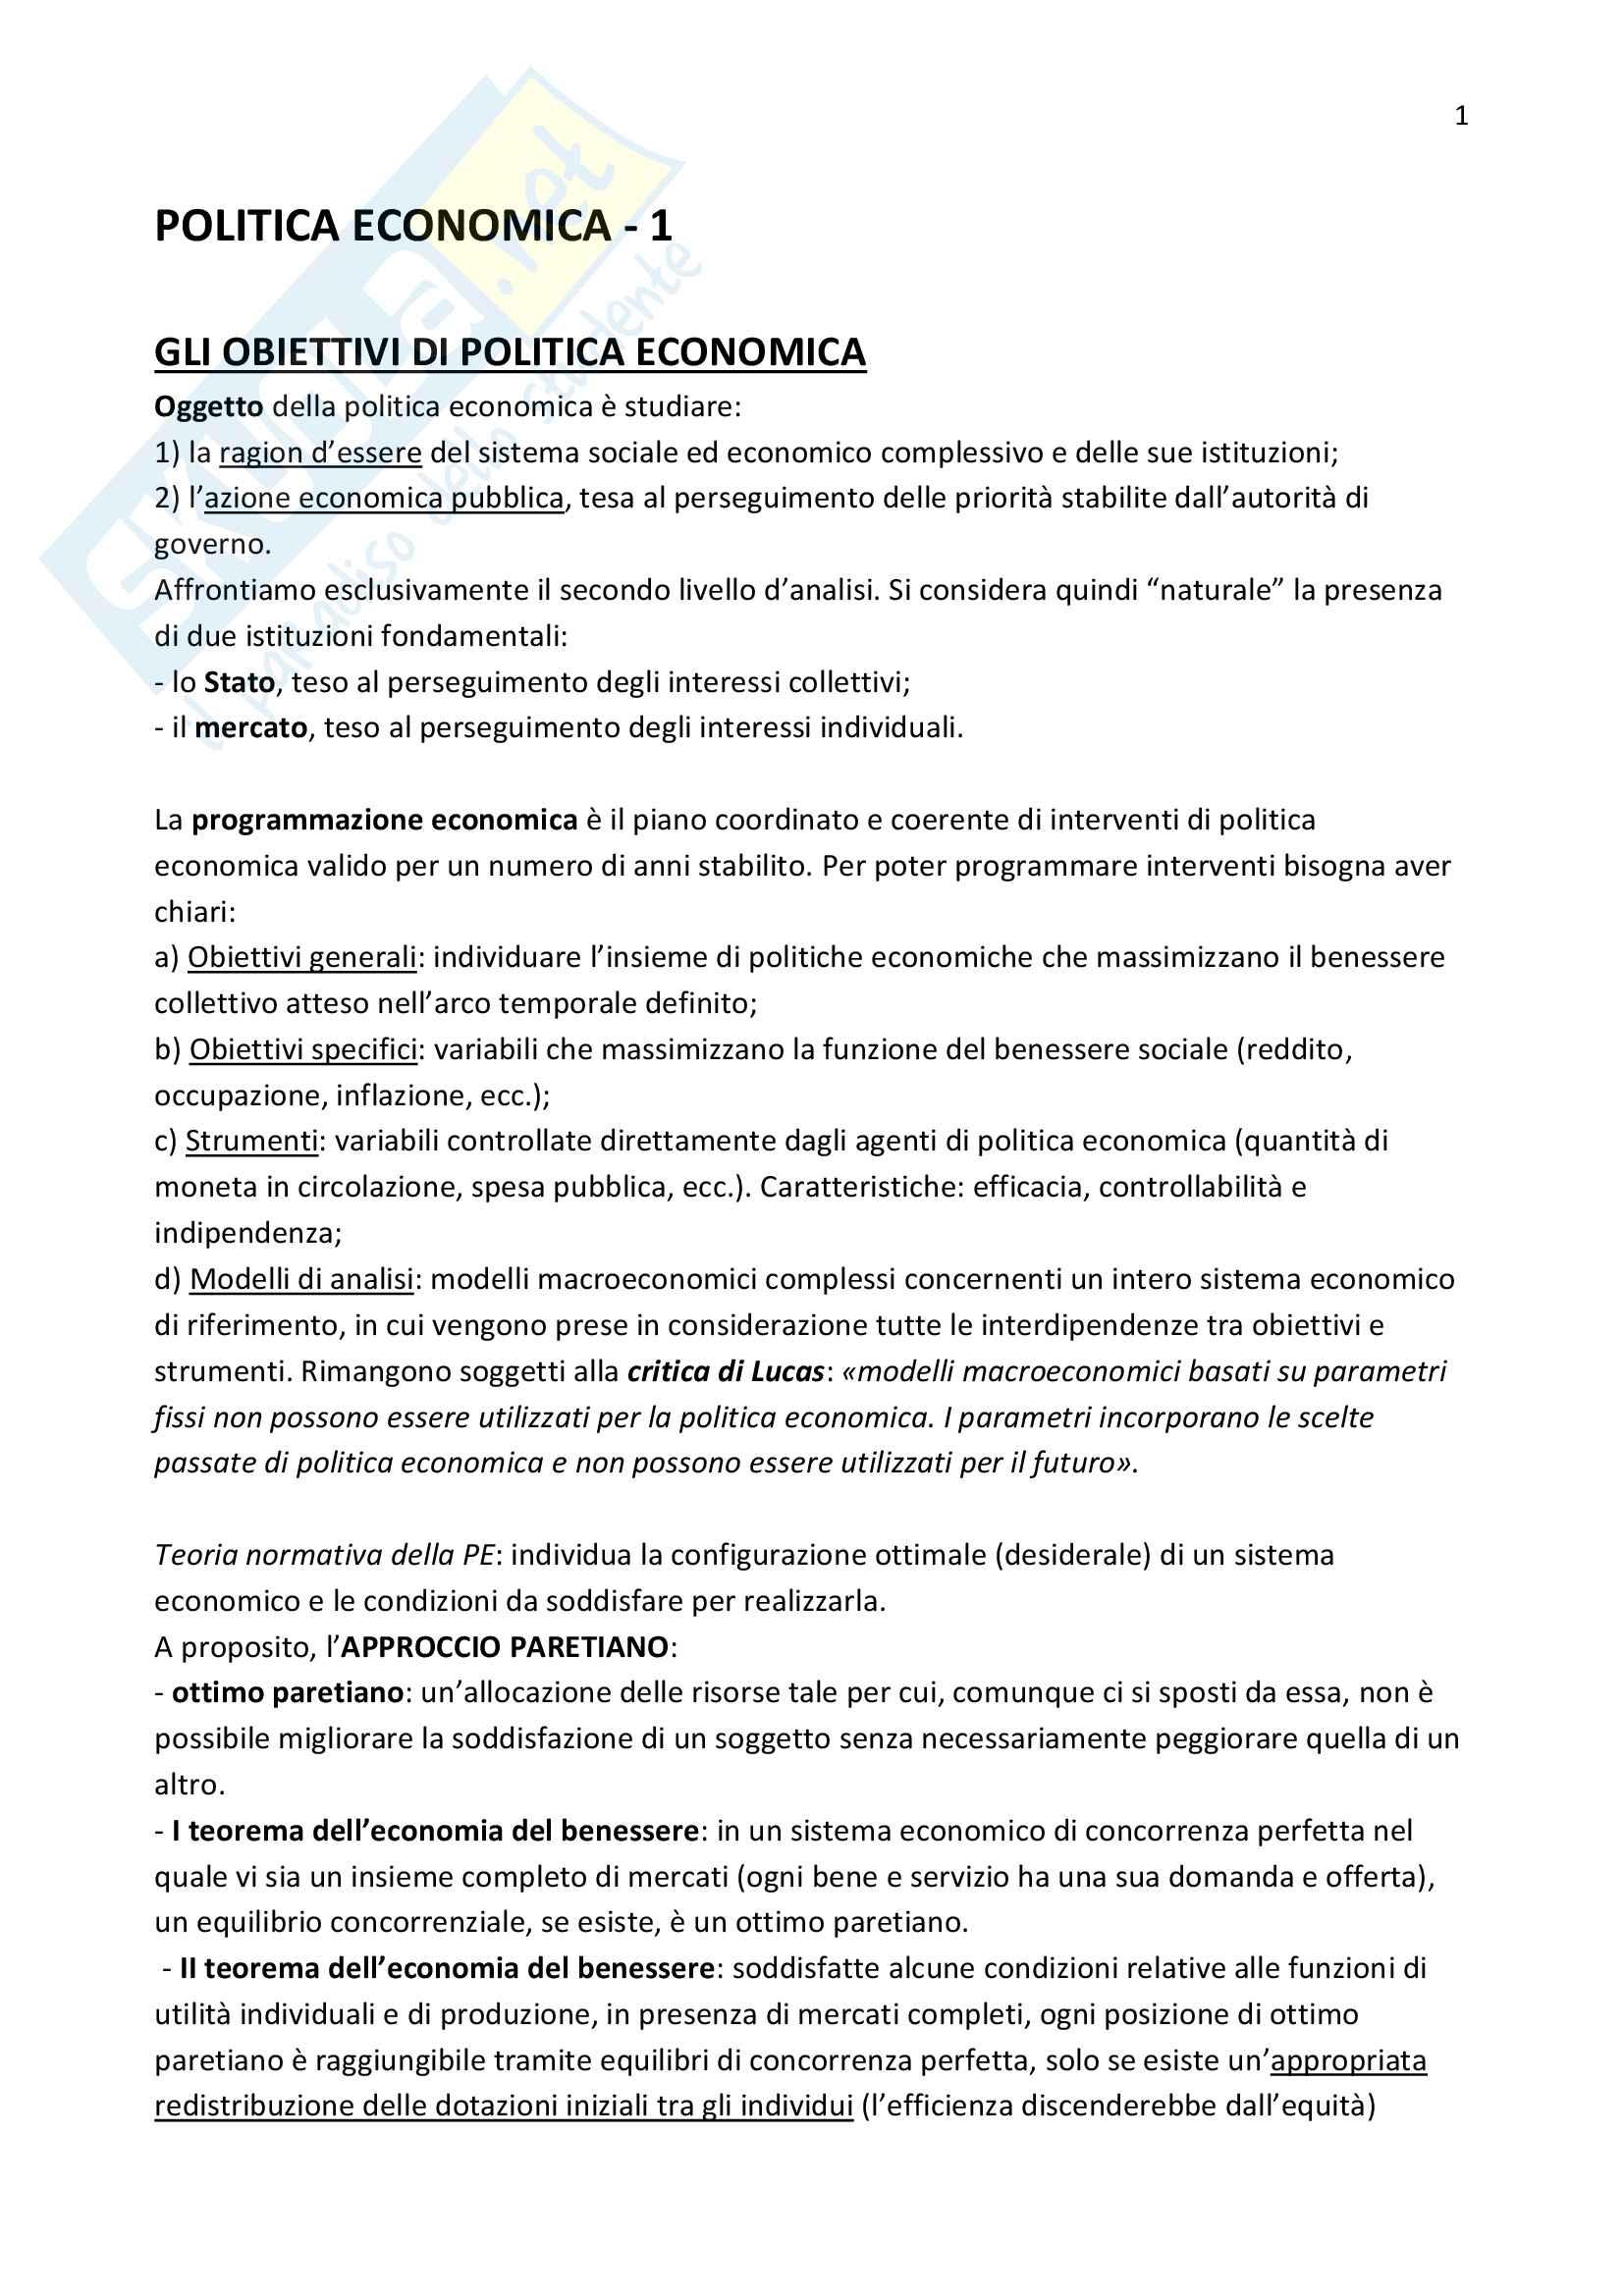 appunto P. Montalbano Politica economica